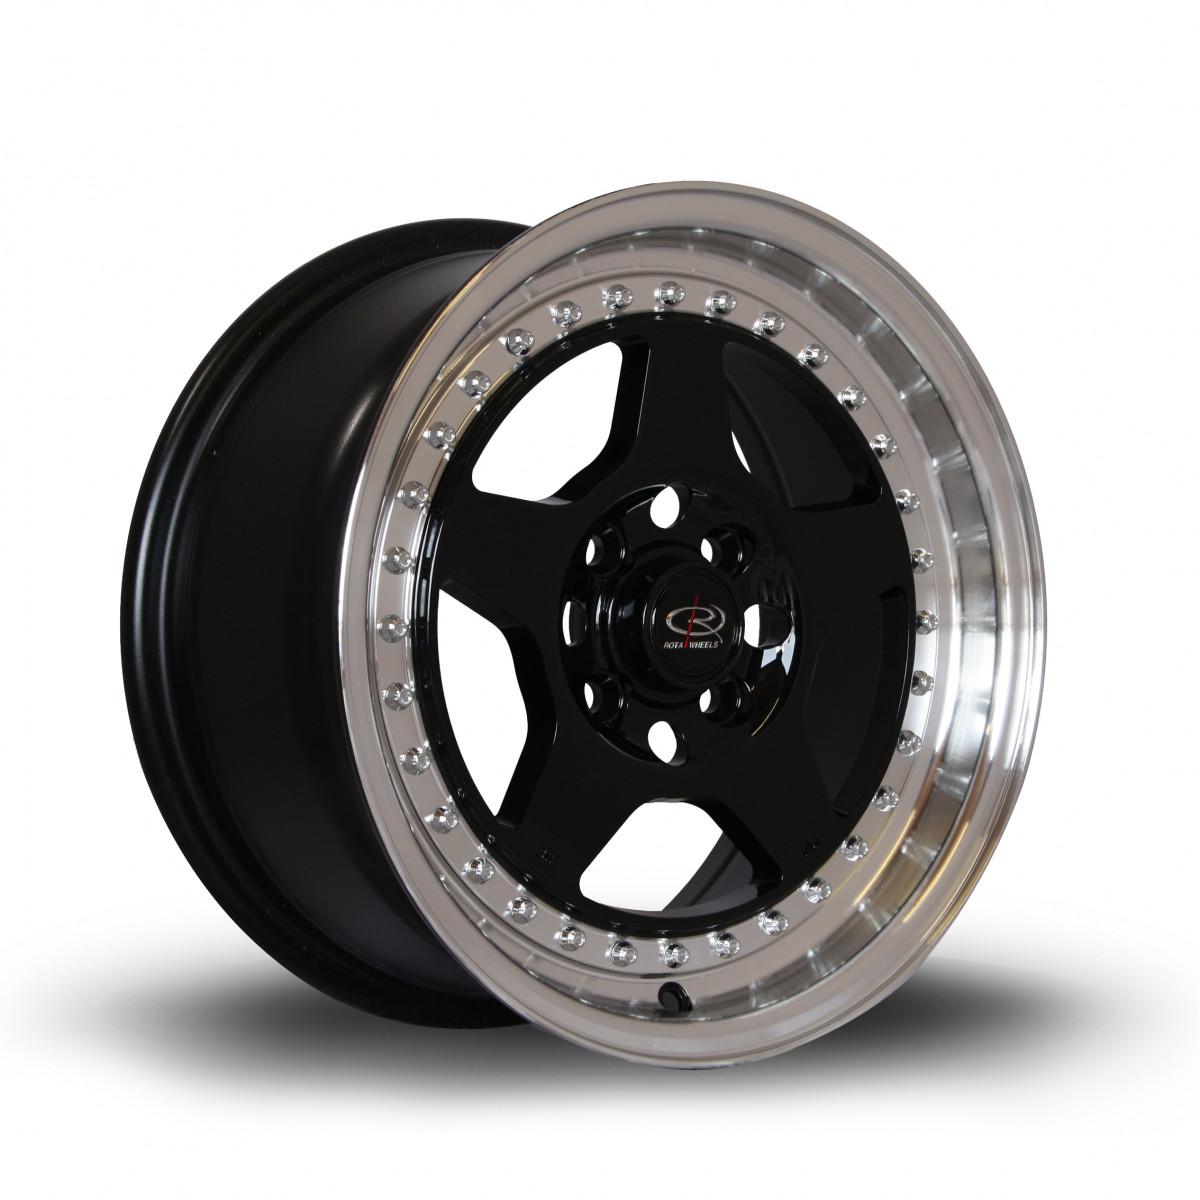 Kyusha 15x7 4x100 ET38 Black with Polished Lip